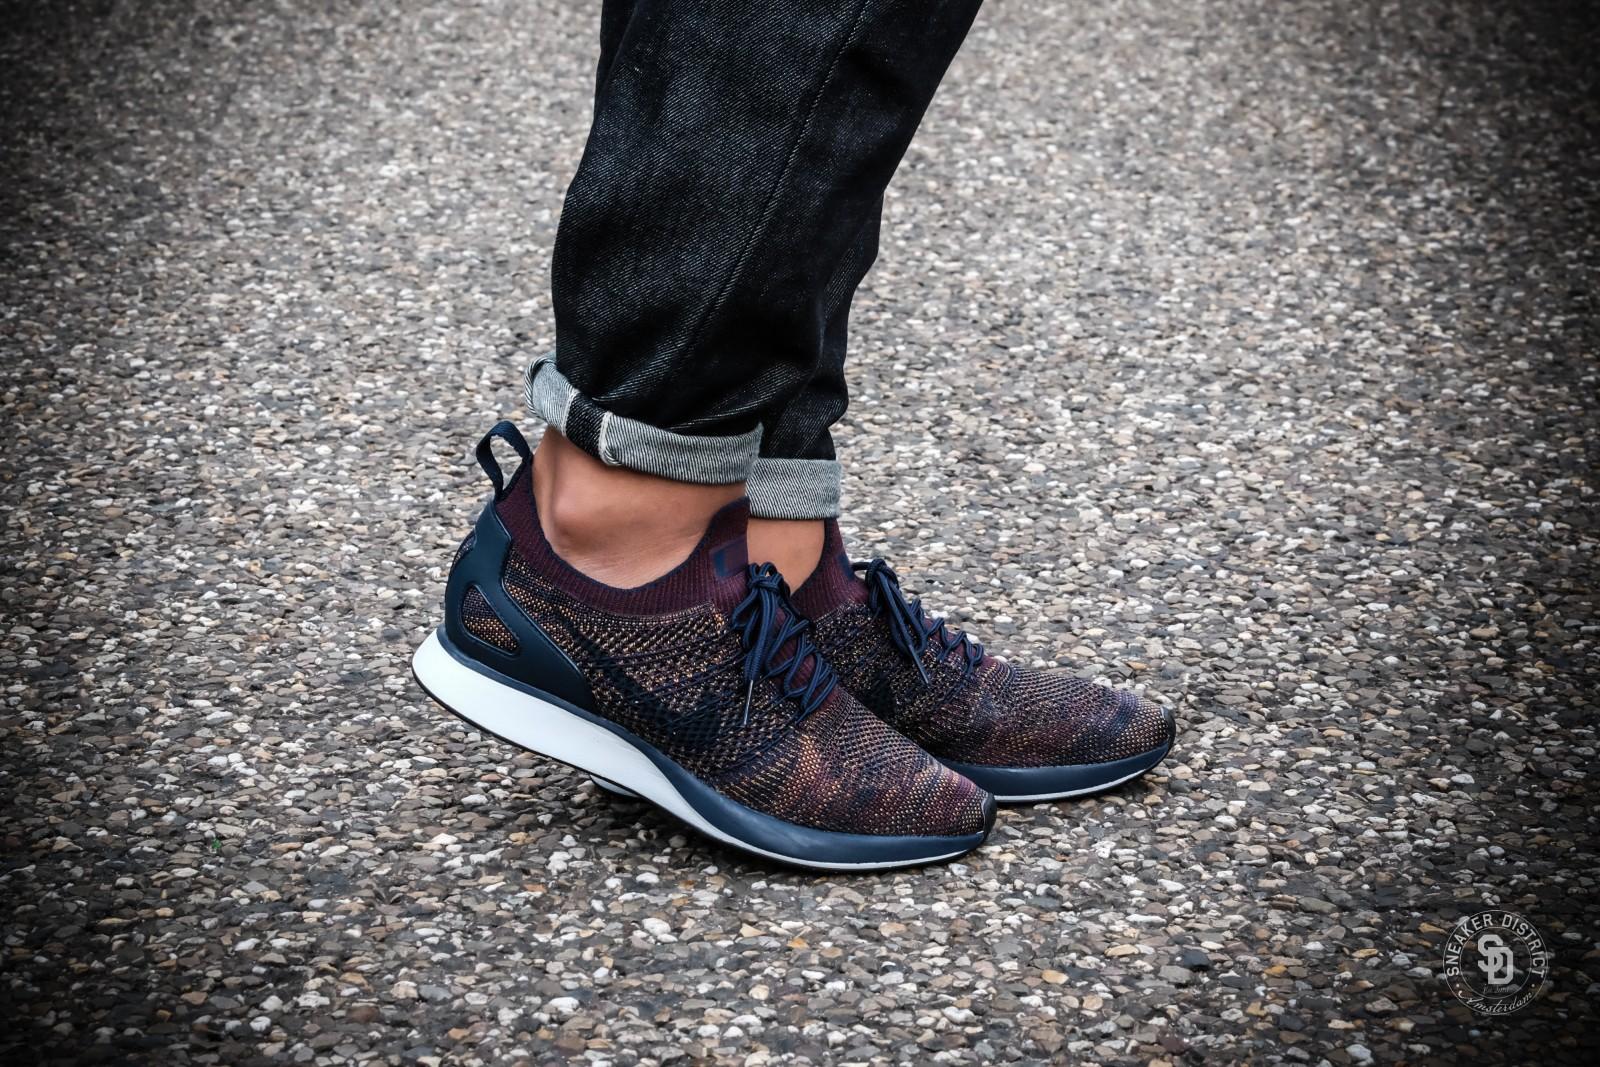 Nike Air Zoom Mariah Flyknit Racer College Navy/Bordeaux-Desert Moss | Koop  online bij Sneaker District en betaal geen verzendkosten